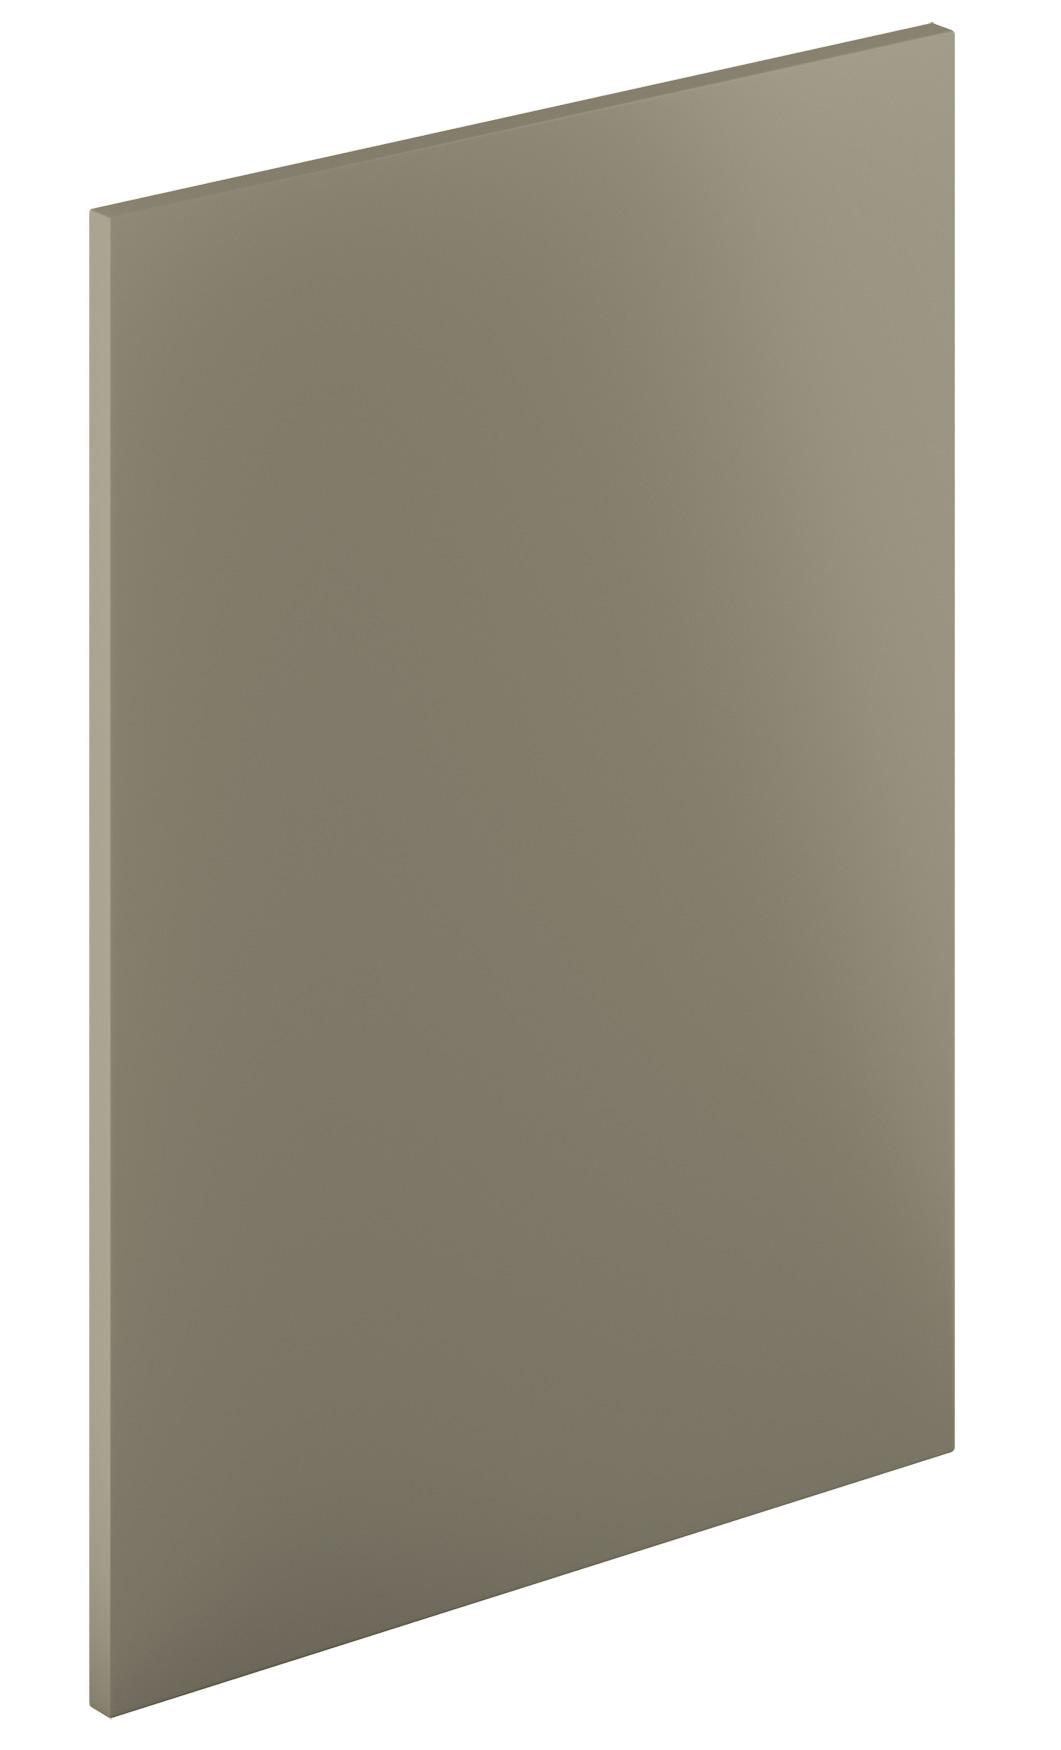 lusso-olive-door